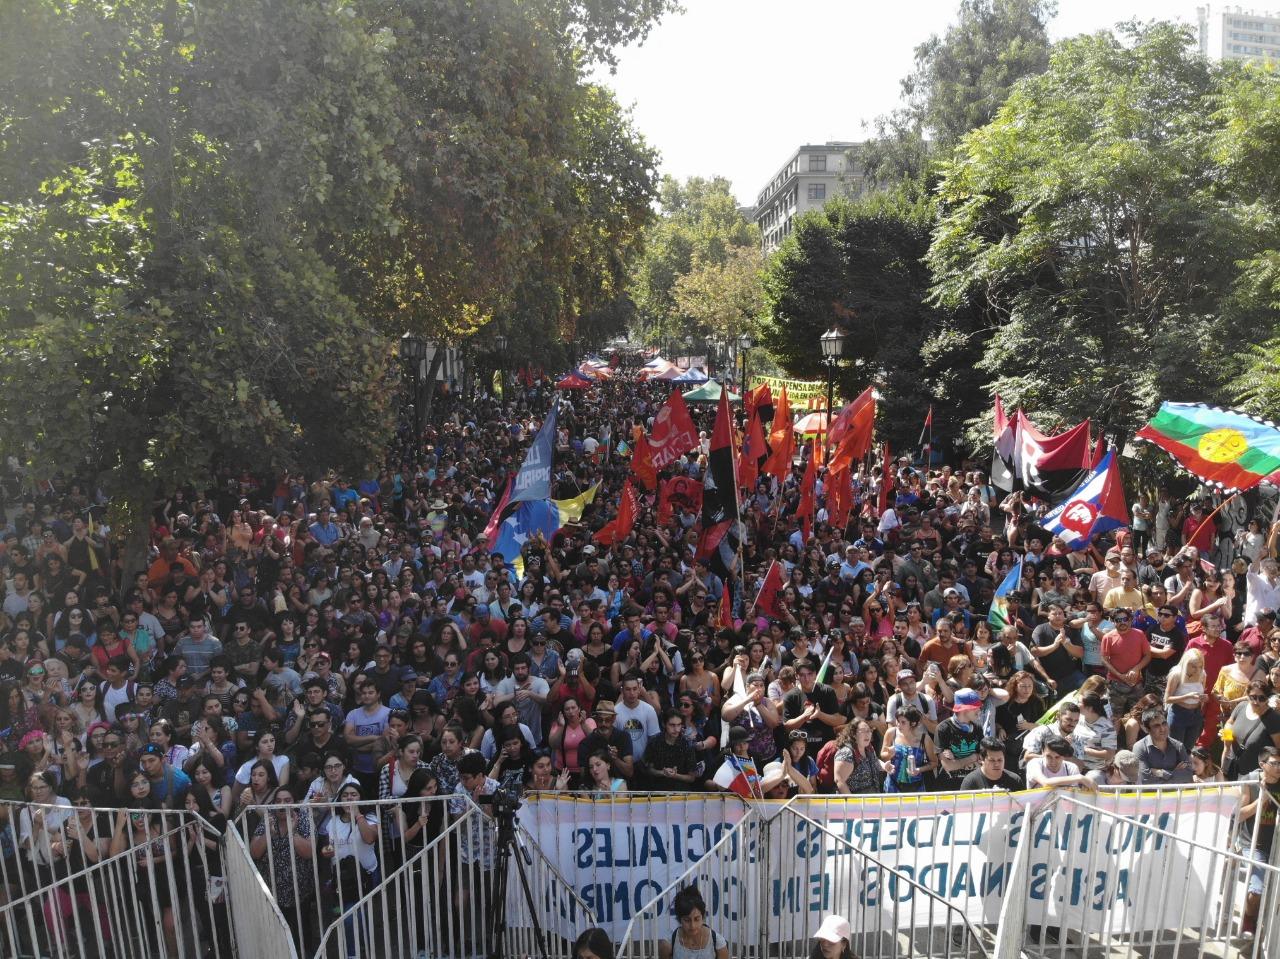 Le Parti communiste du Chili rassemble environ 30.000 personnes en faveur de la paix au Venezuela